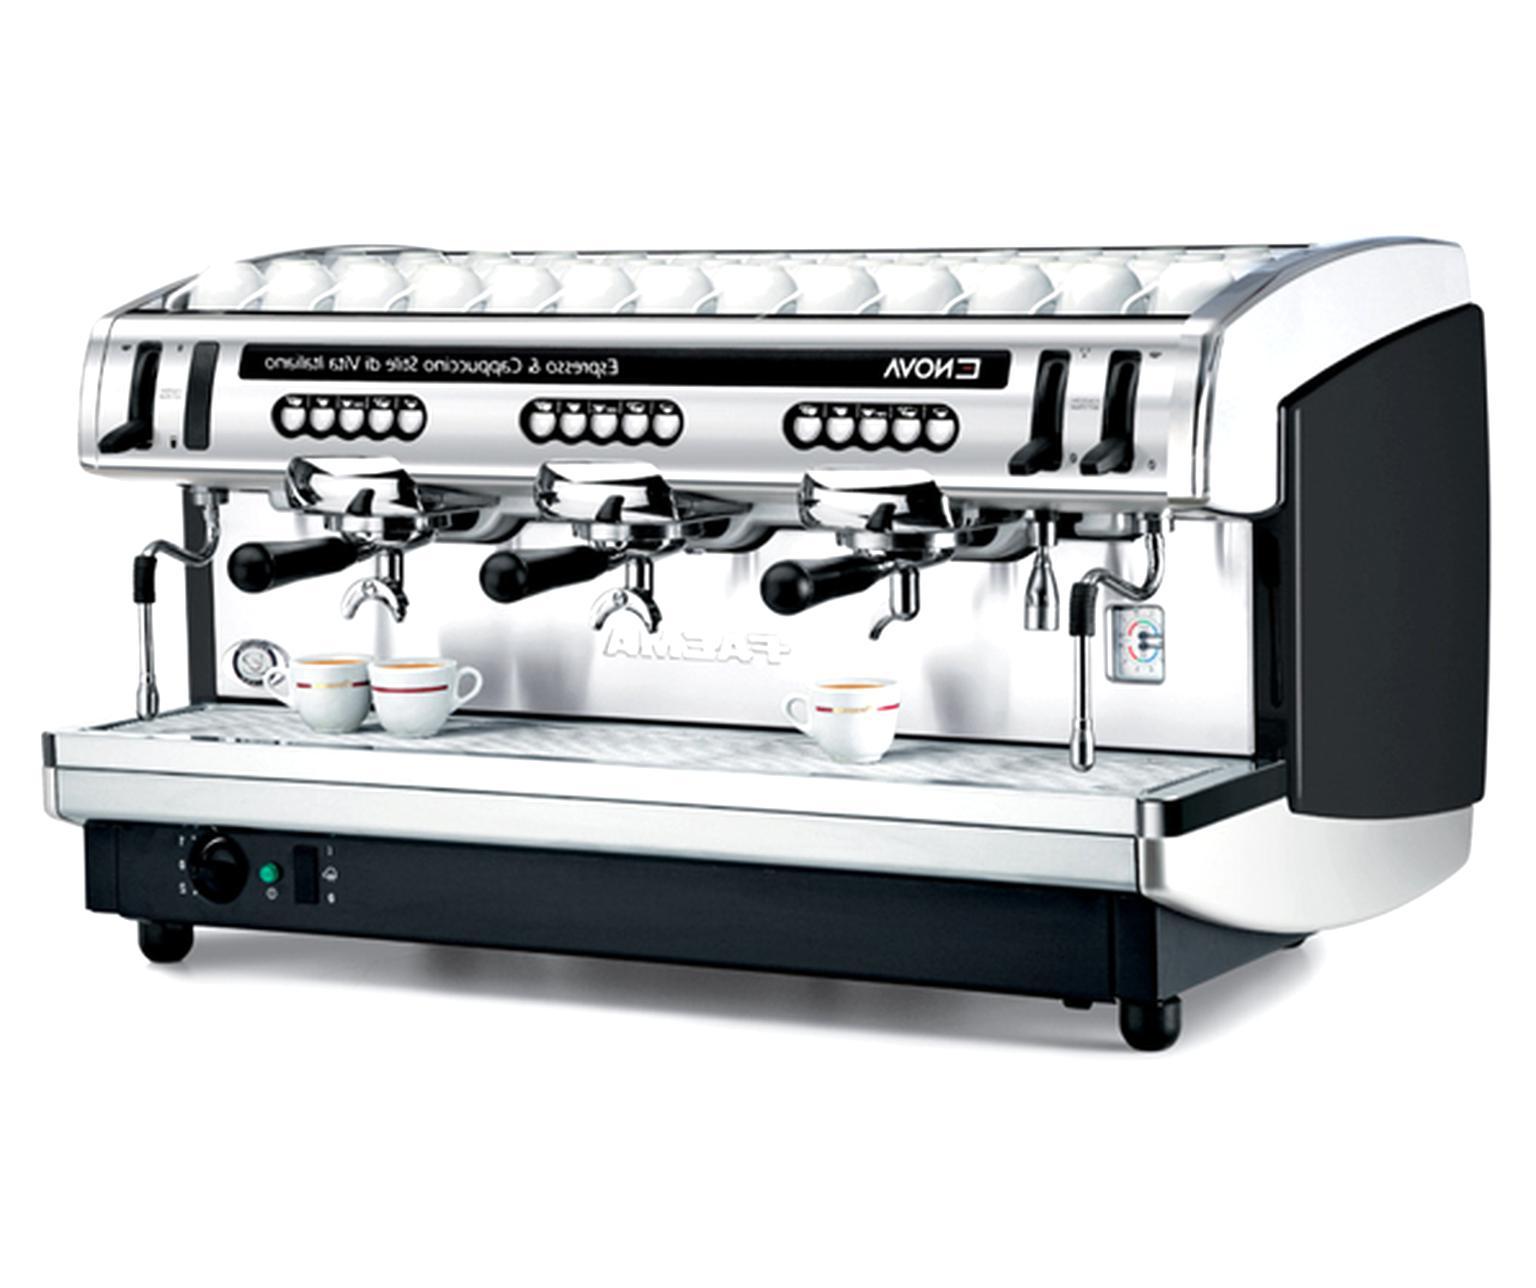 Dichtungsset 11 teilig für E61 Brühgruppe Ariete Espressomaschine